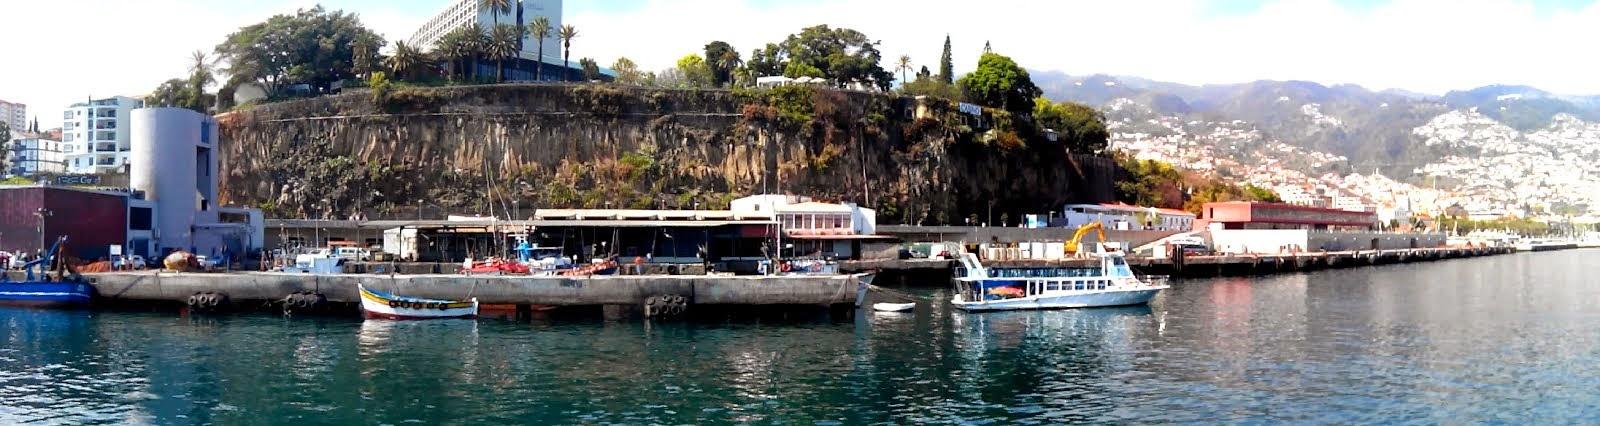 Cais Norte do Funchal